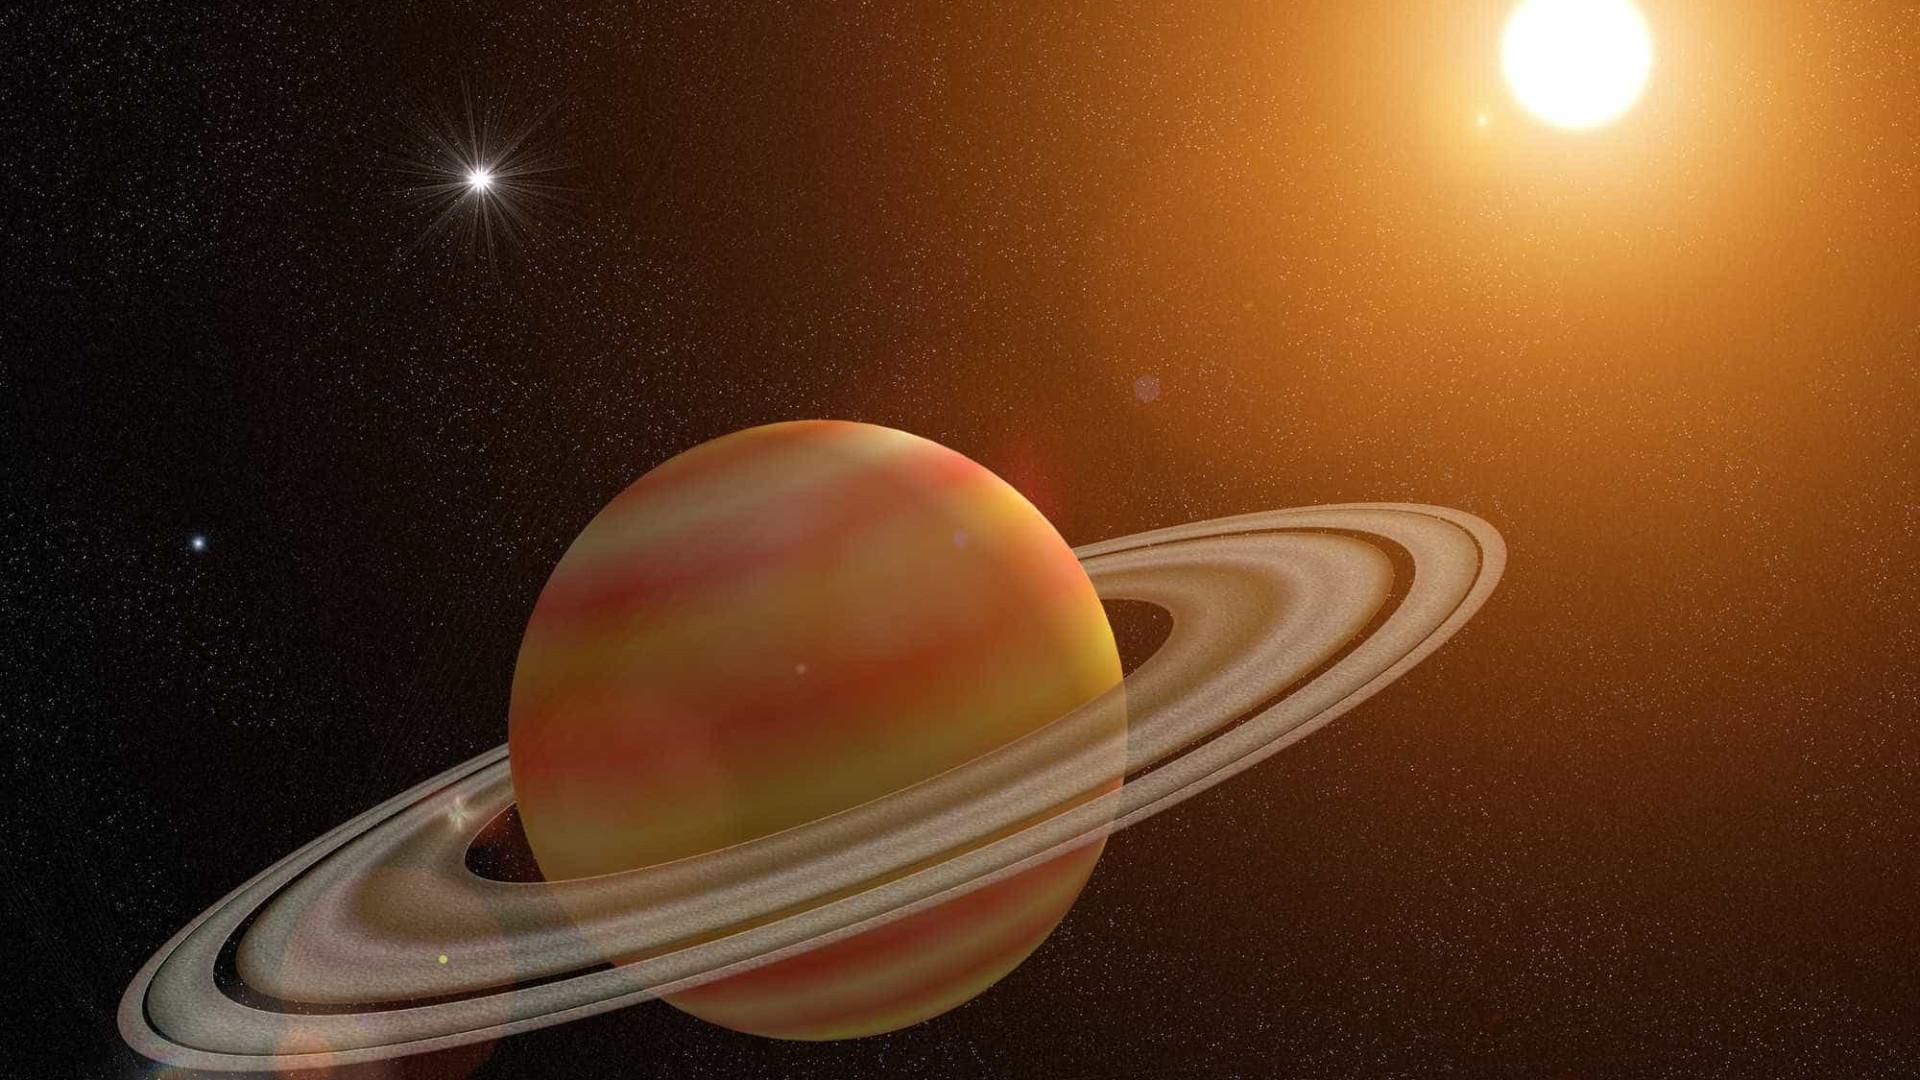 Conheça 30 curiosidades impressionantes sobre o Planeta Saturno